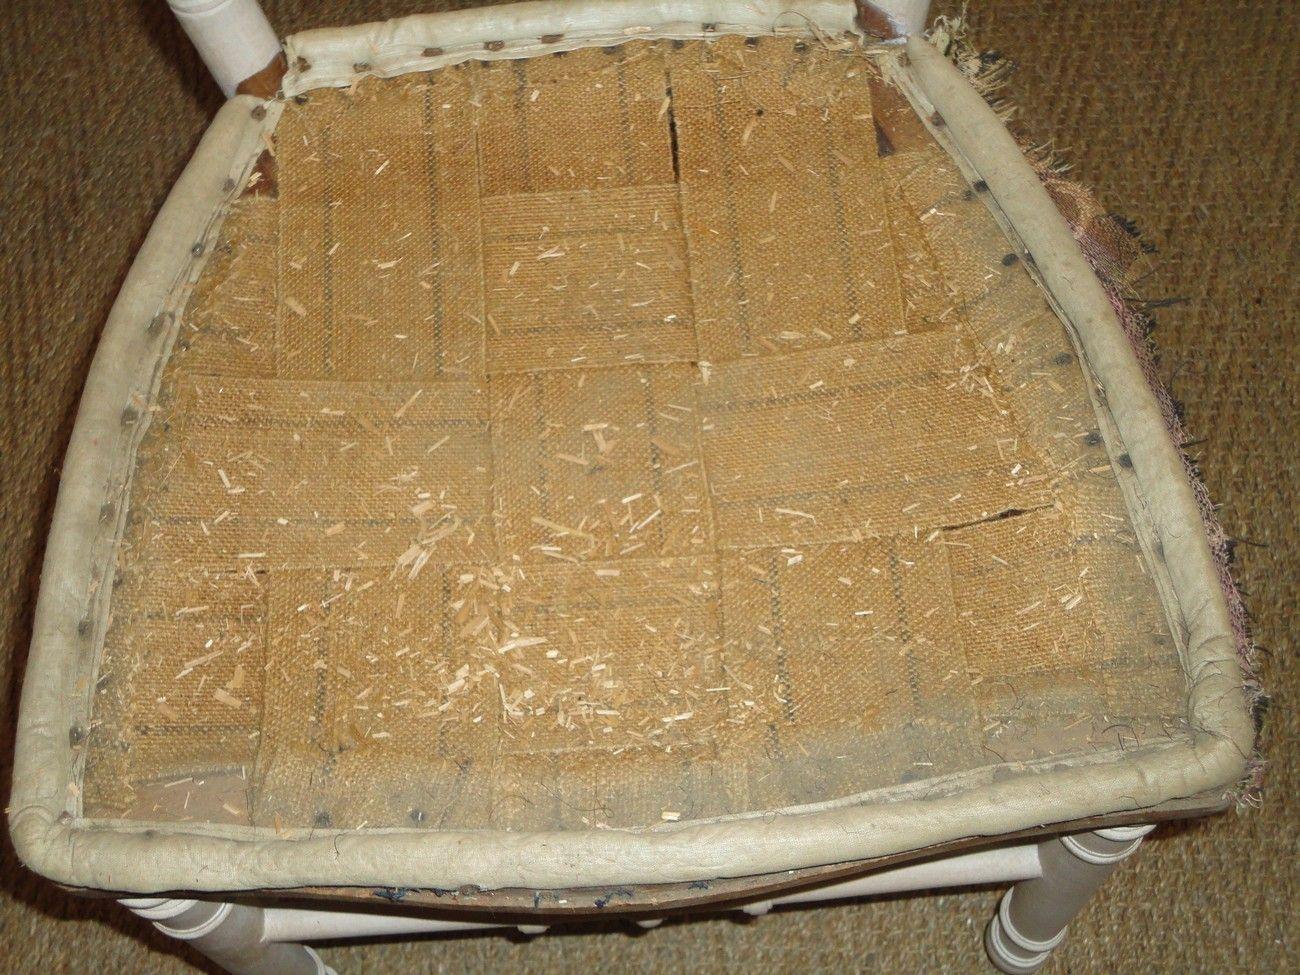 Recouvrir une chaise en paille fabulous recouvrir une - Recouvrir une chaise en paille ...